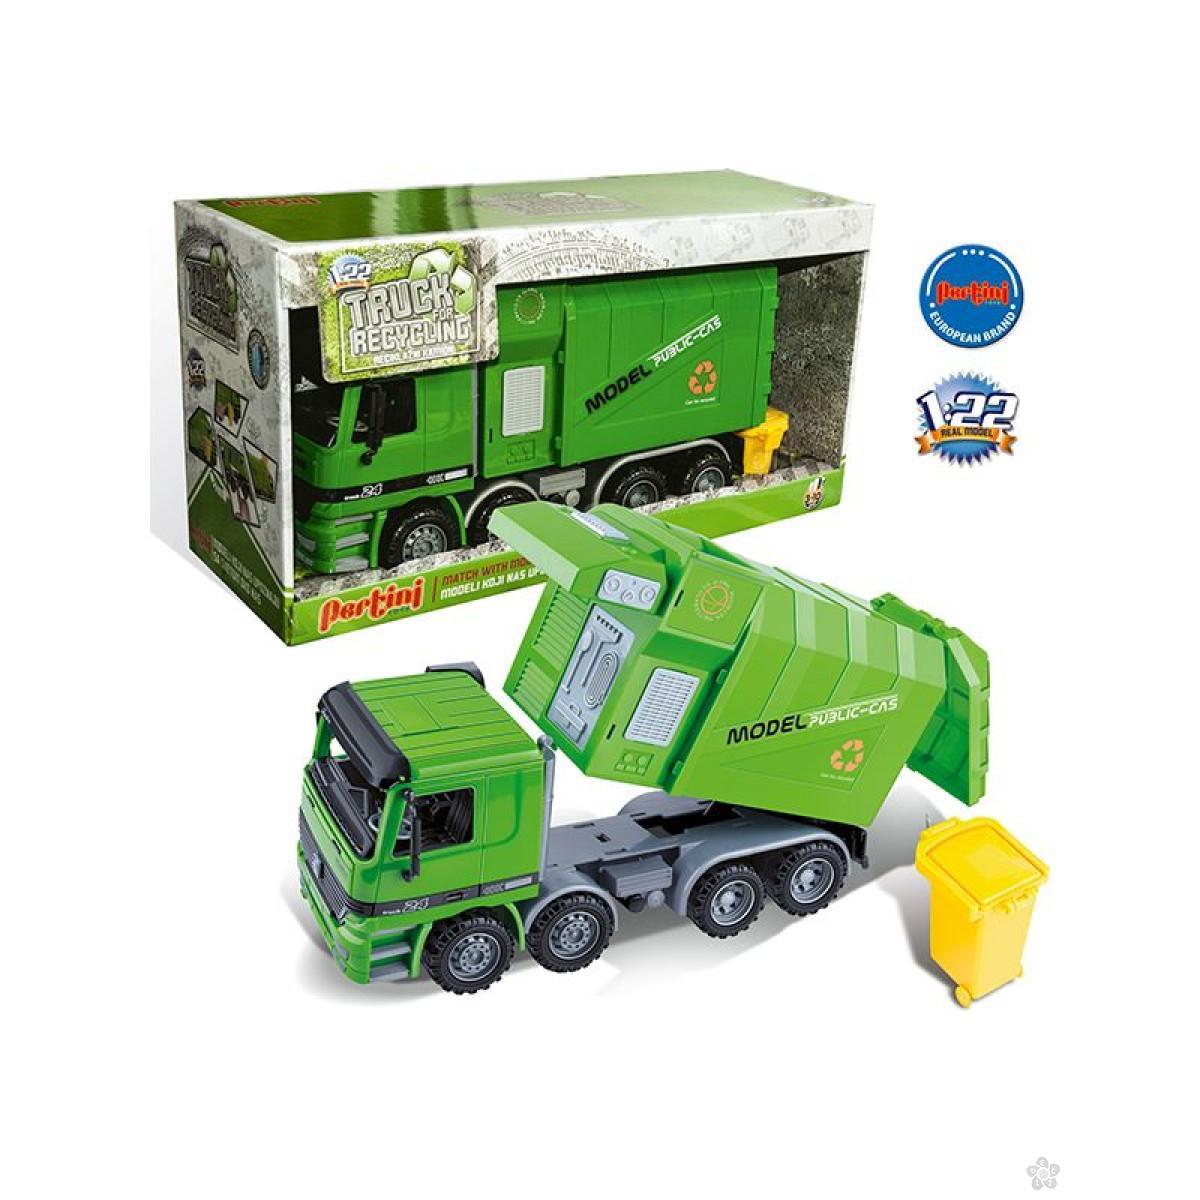 Vozilo za reciklažu, P-0274